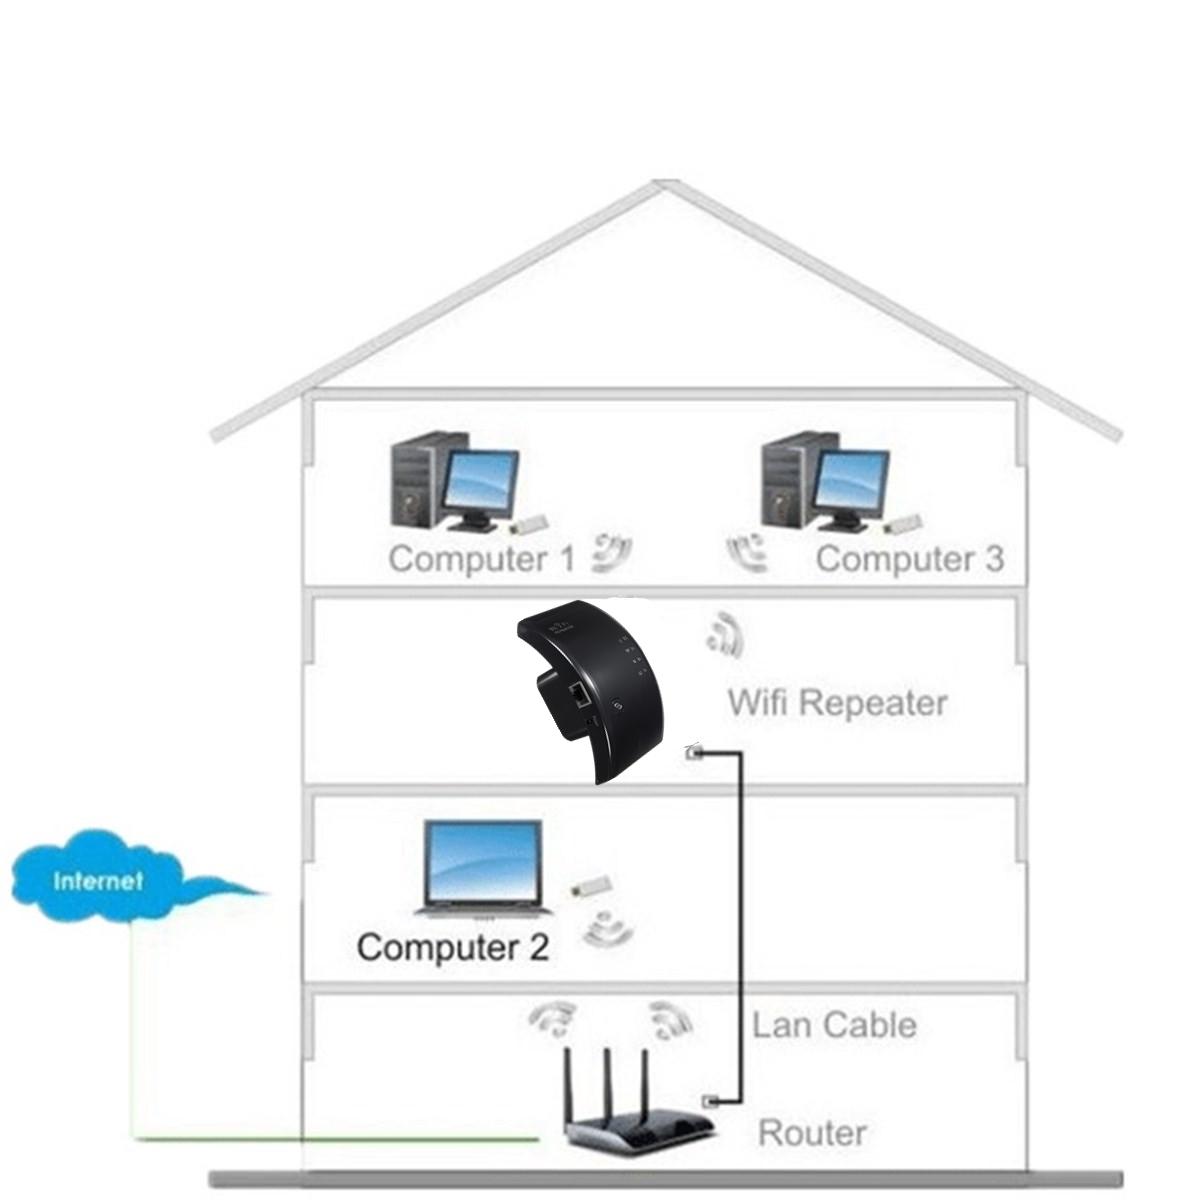 Повторитель Wi-Fi (репитер как подключить и настроить) 85